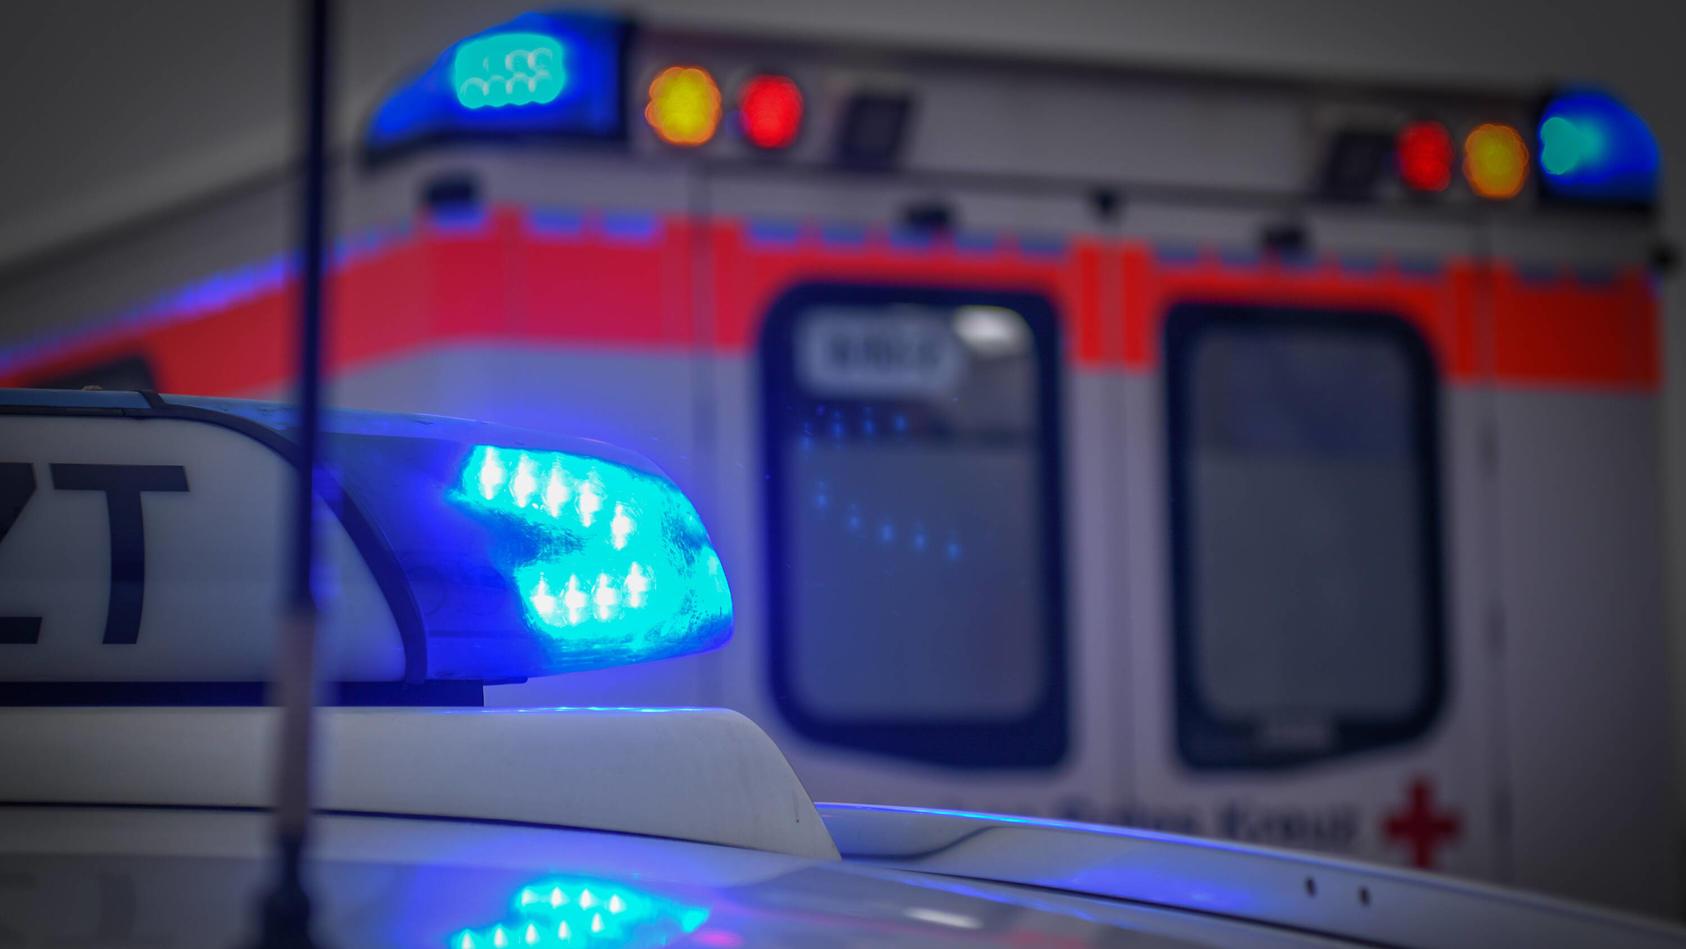 Einsatzfahrzeug mit Blaulicht, Ein Einsatzfahrzeug mit eingeschaltetem Blaulicht steht an einer Unfallstelle. Mögglinge